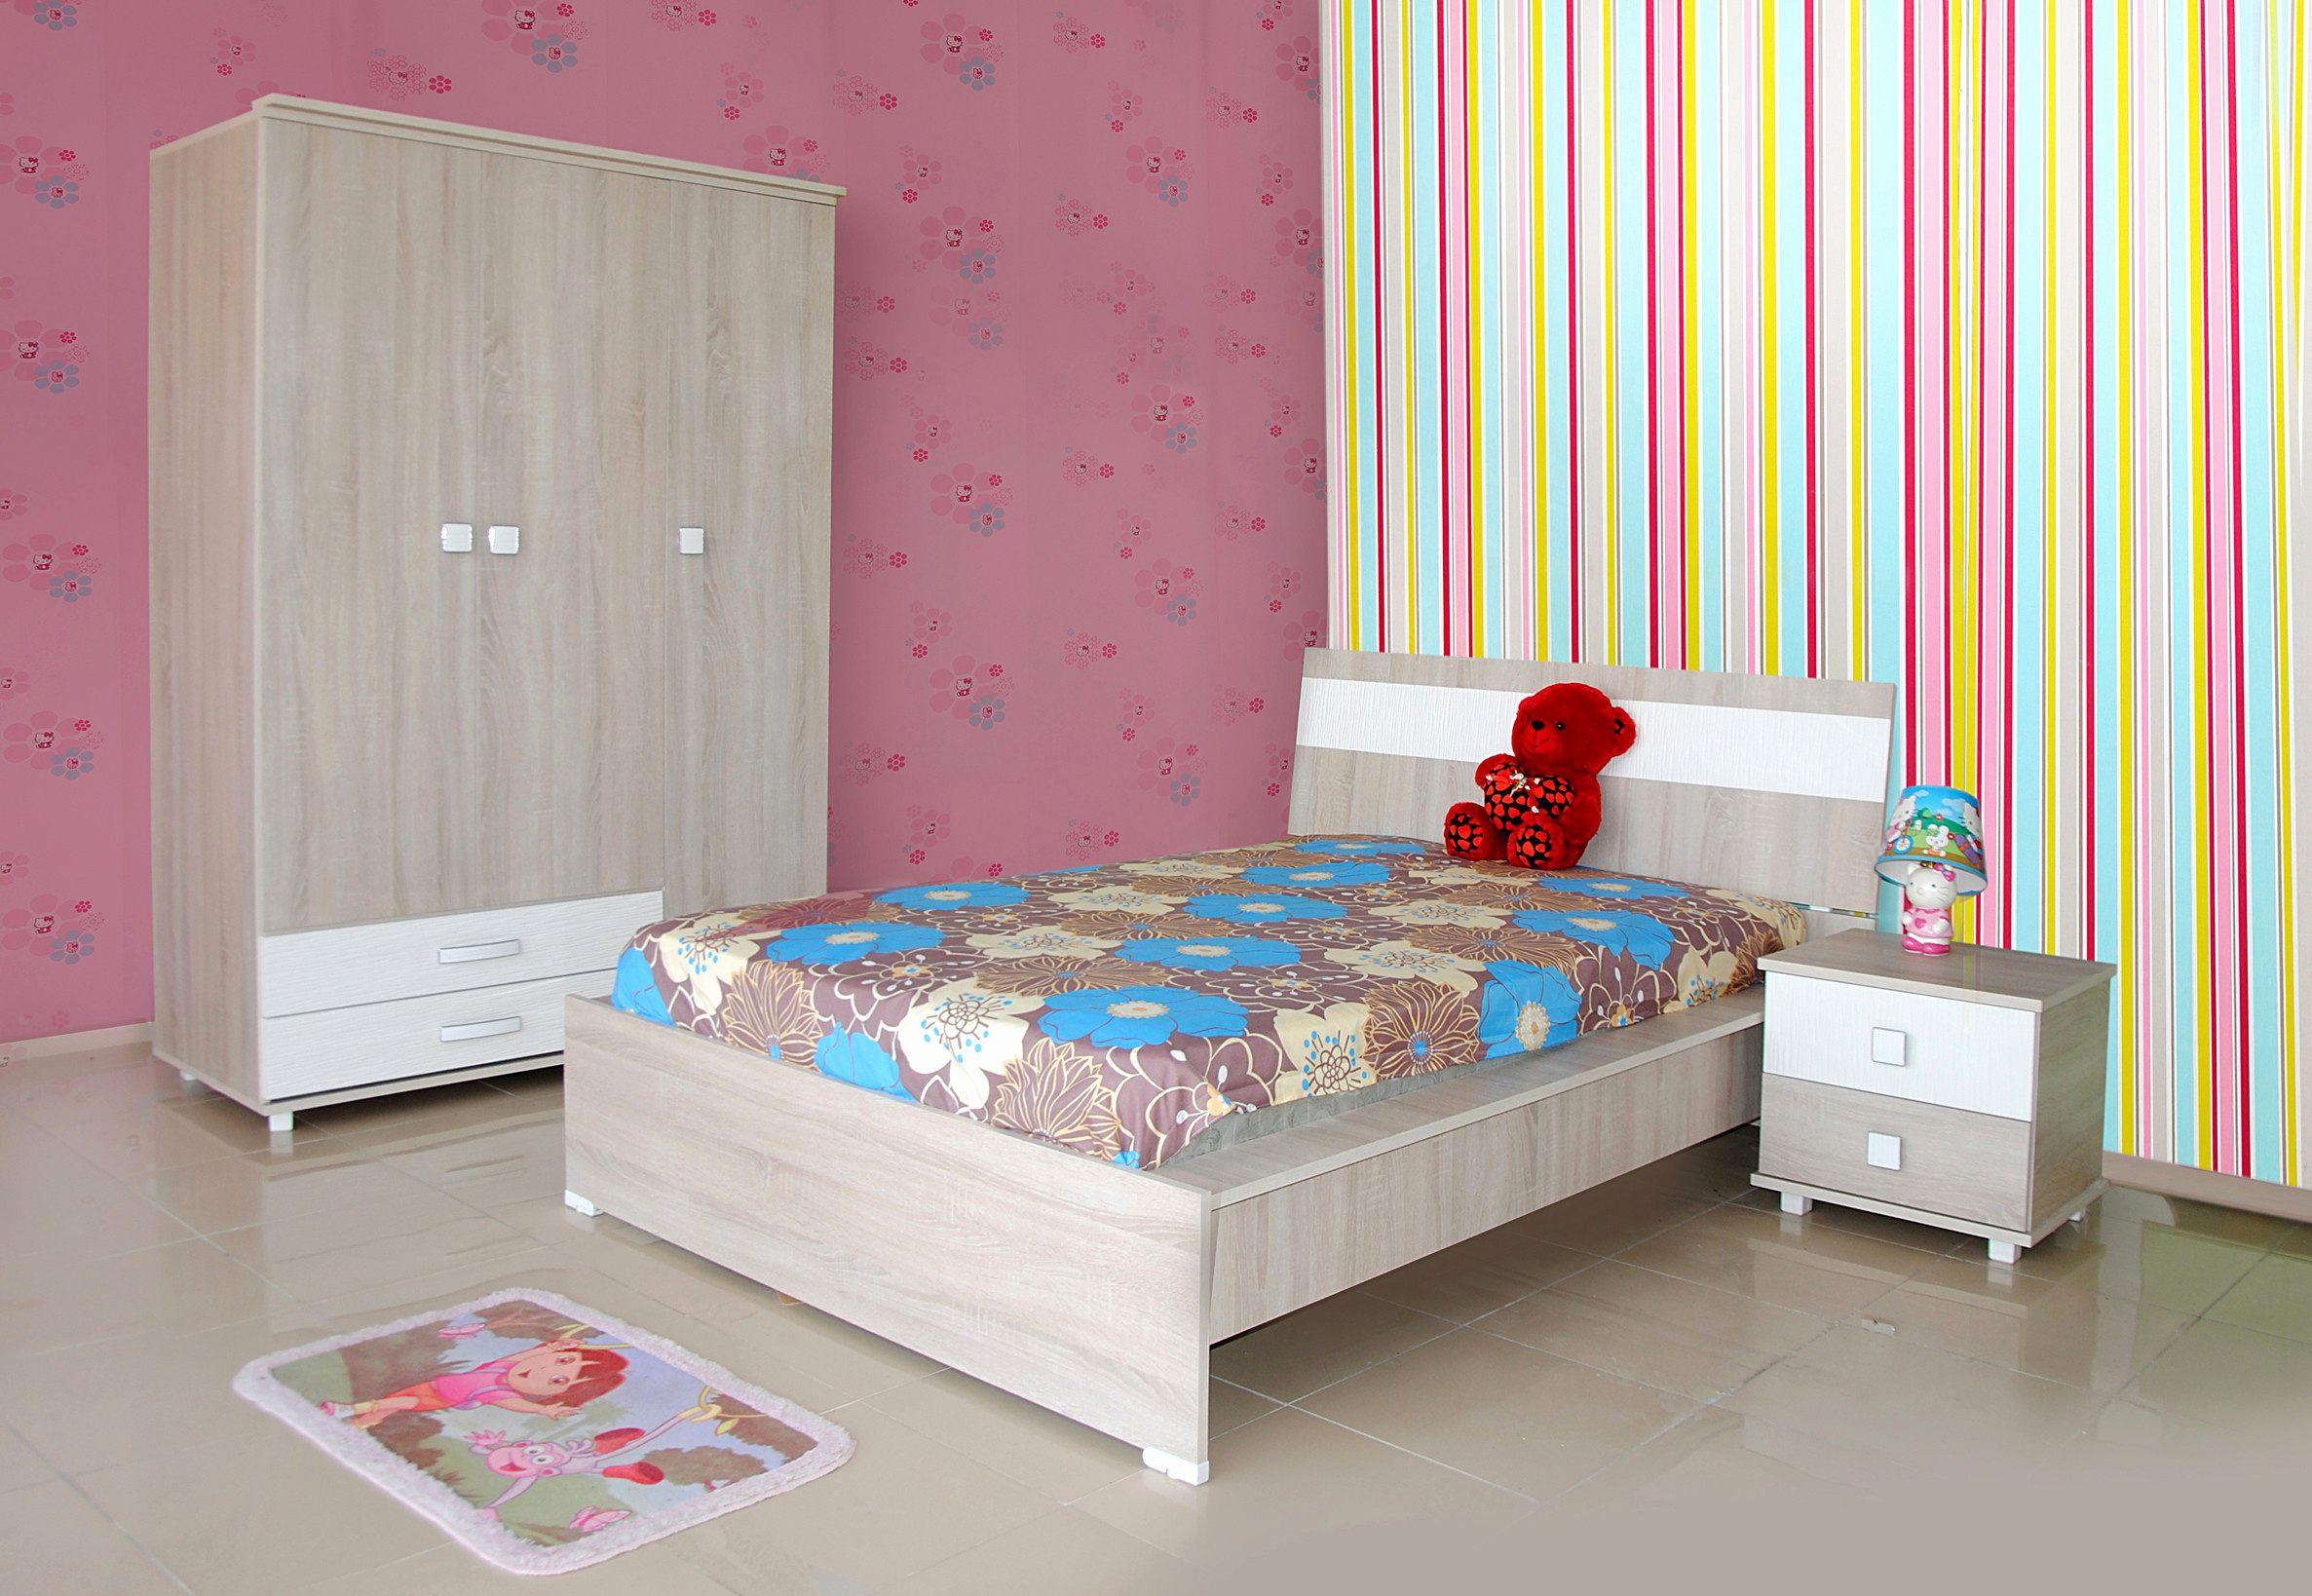 Lit Coffre Enfant Joli Banc Coffre Design Banquette Coffre Bois Luxe Banquette Lit 0d